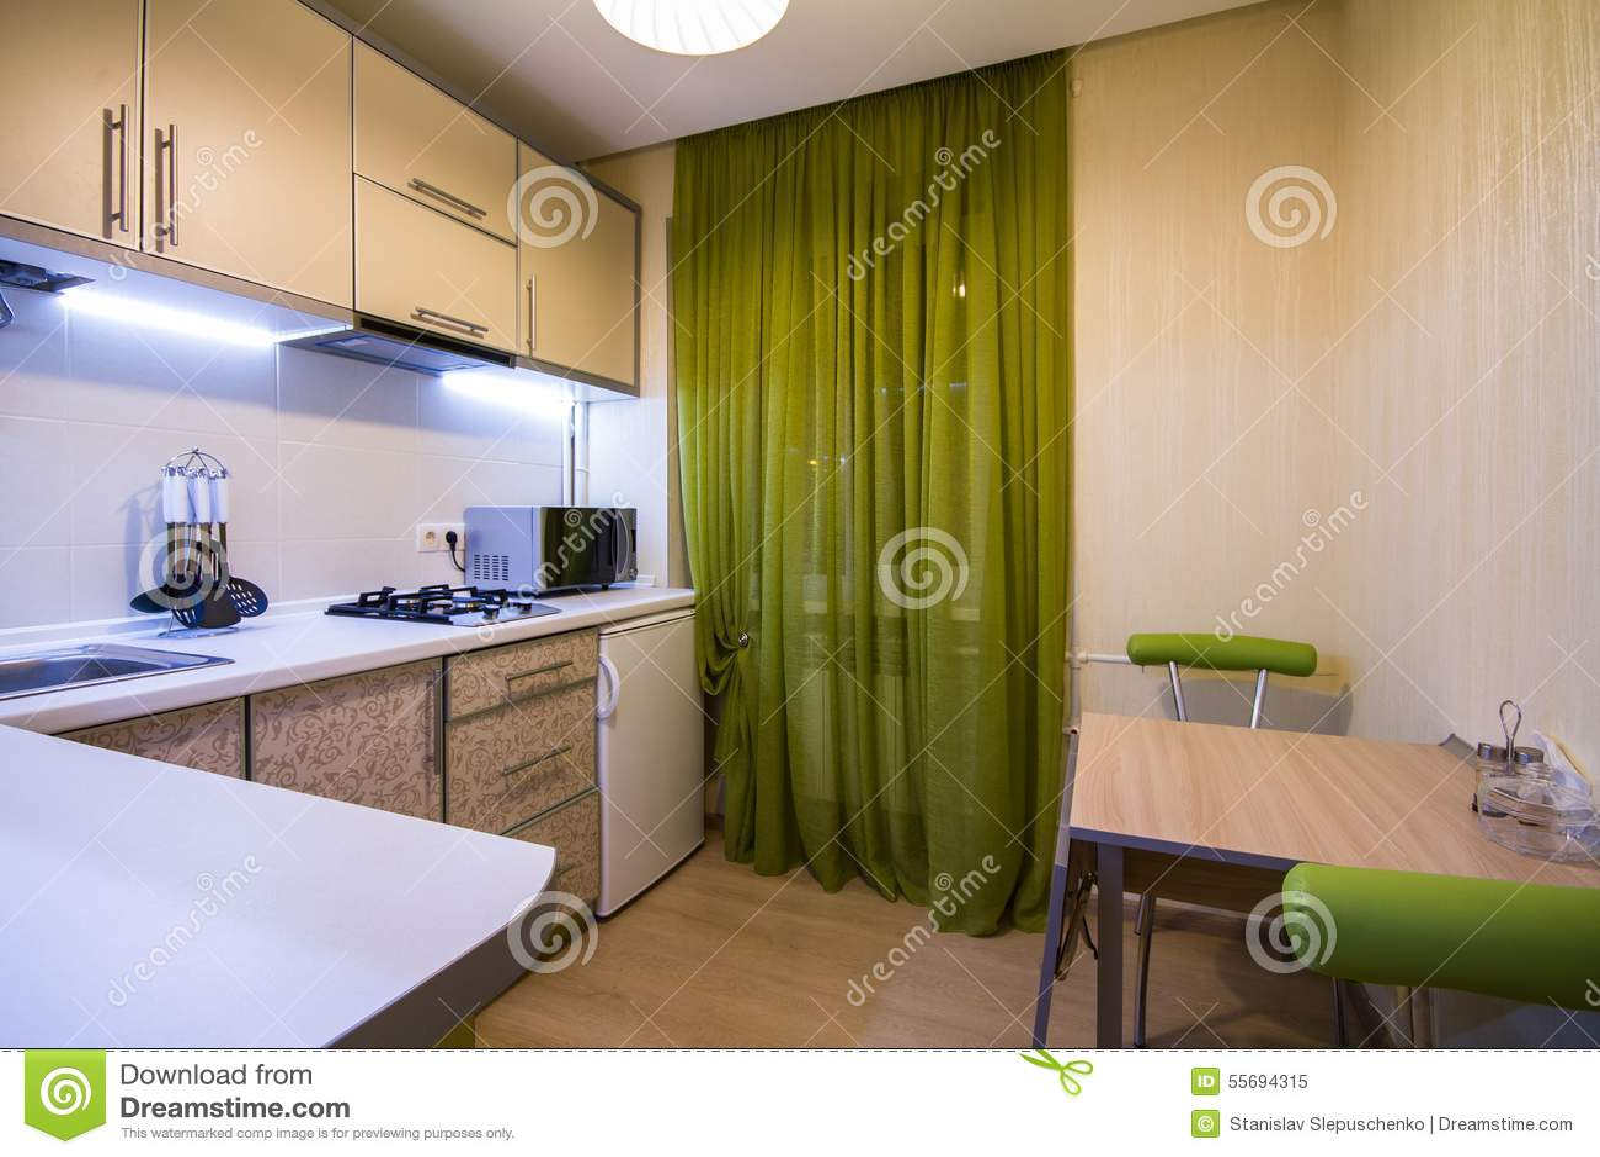 Gardiner gardiner till kök : Modernt Litet Kök Med Gröna Gardiner Fotografering för BildbyrÃ¥er ...